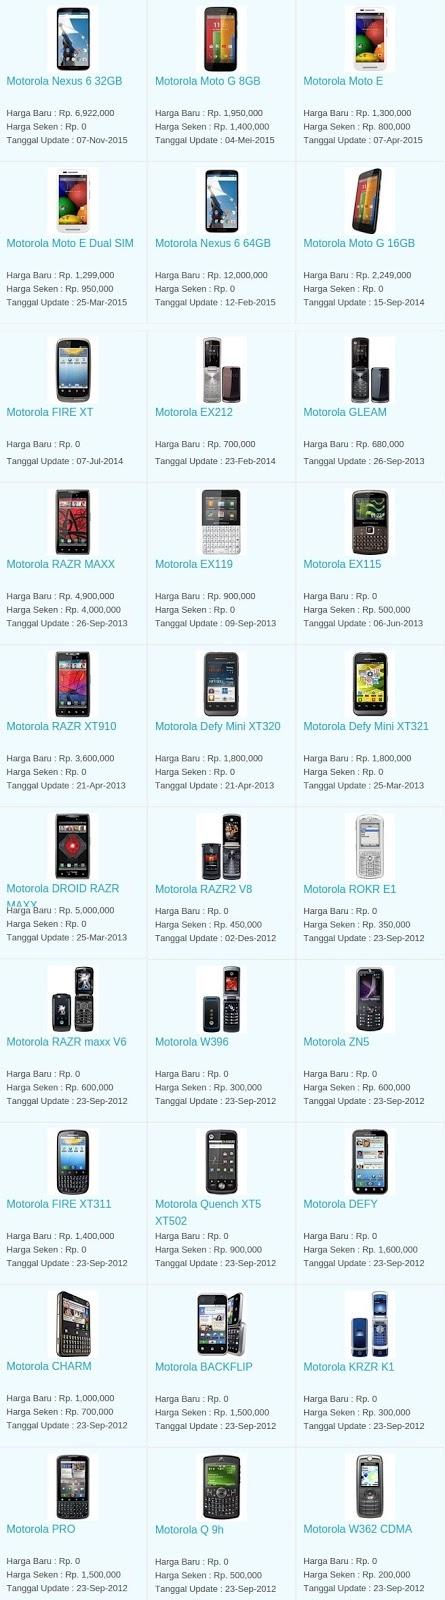 Daftar Harga Hp Terbaru Motorola Mei 2016